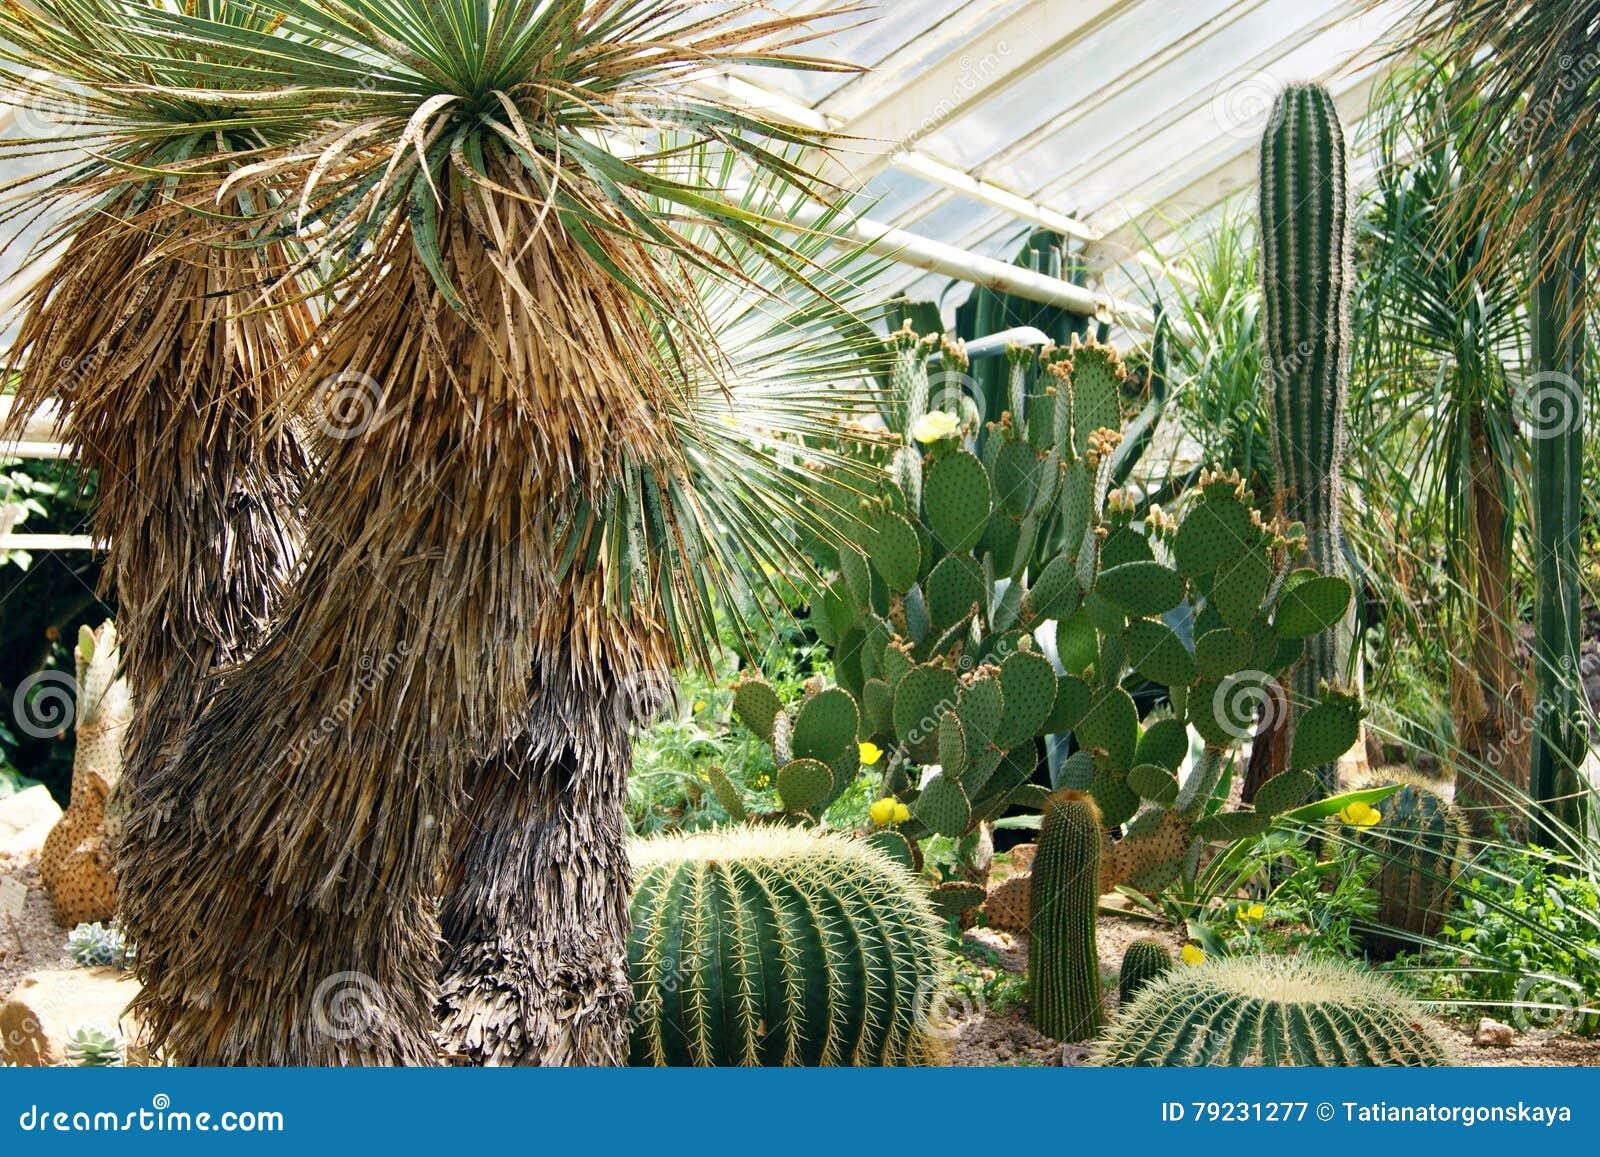 Cactus E Palme Nel Giardino Botanico Immagine Stock Immagine Di